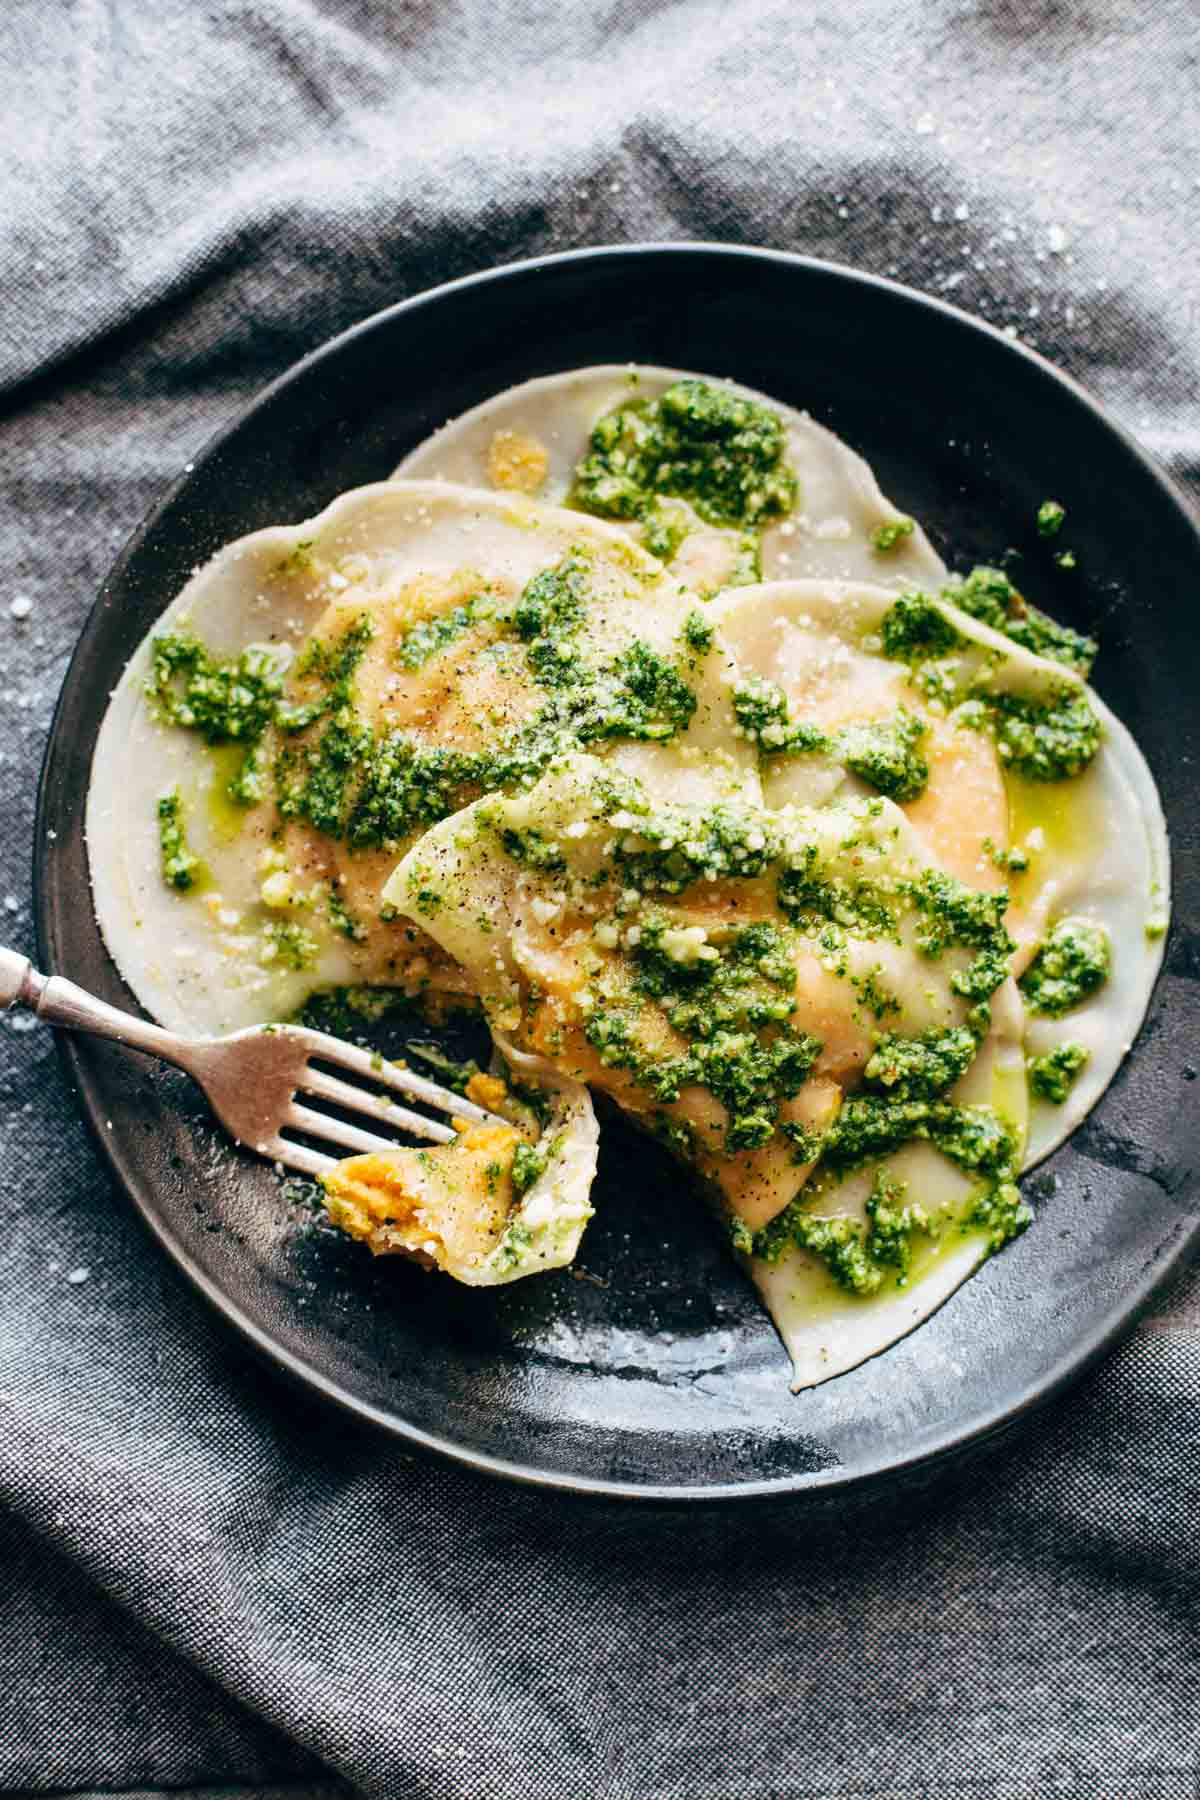 Delicious Butternut Squash Recipes